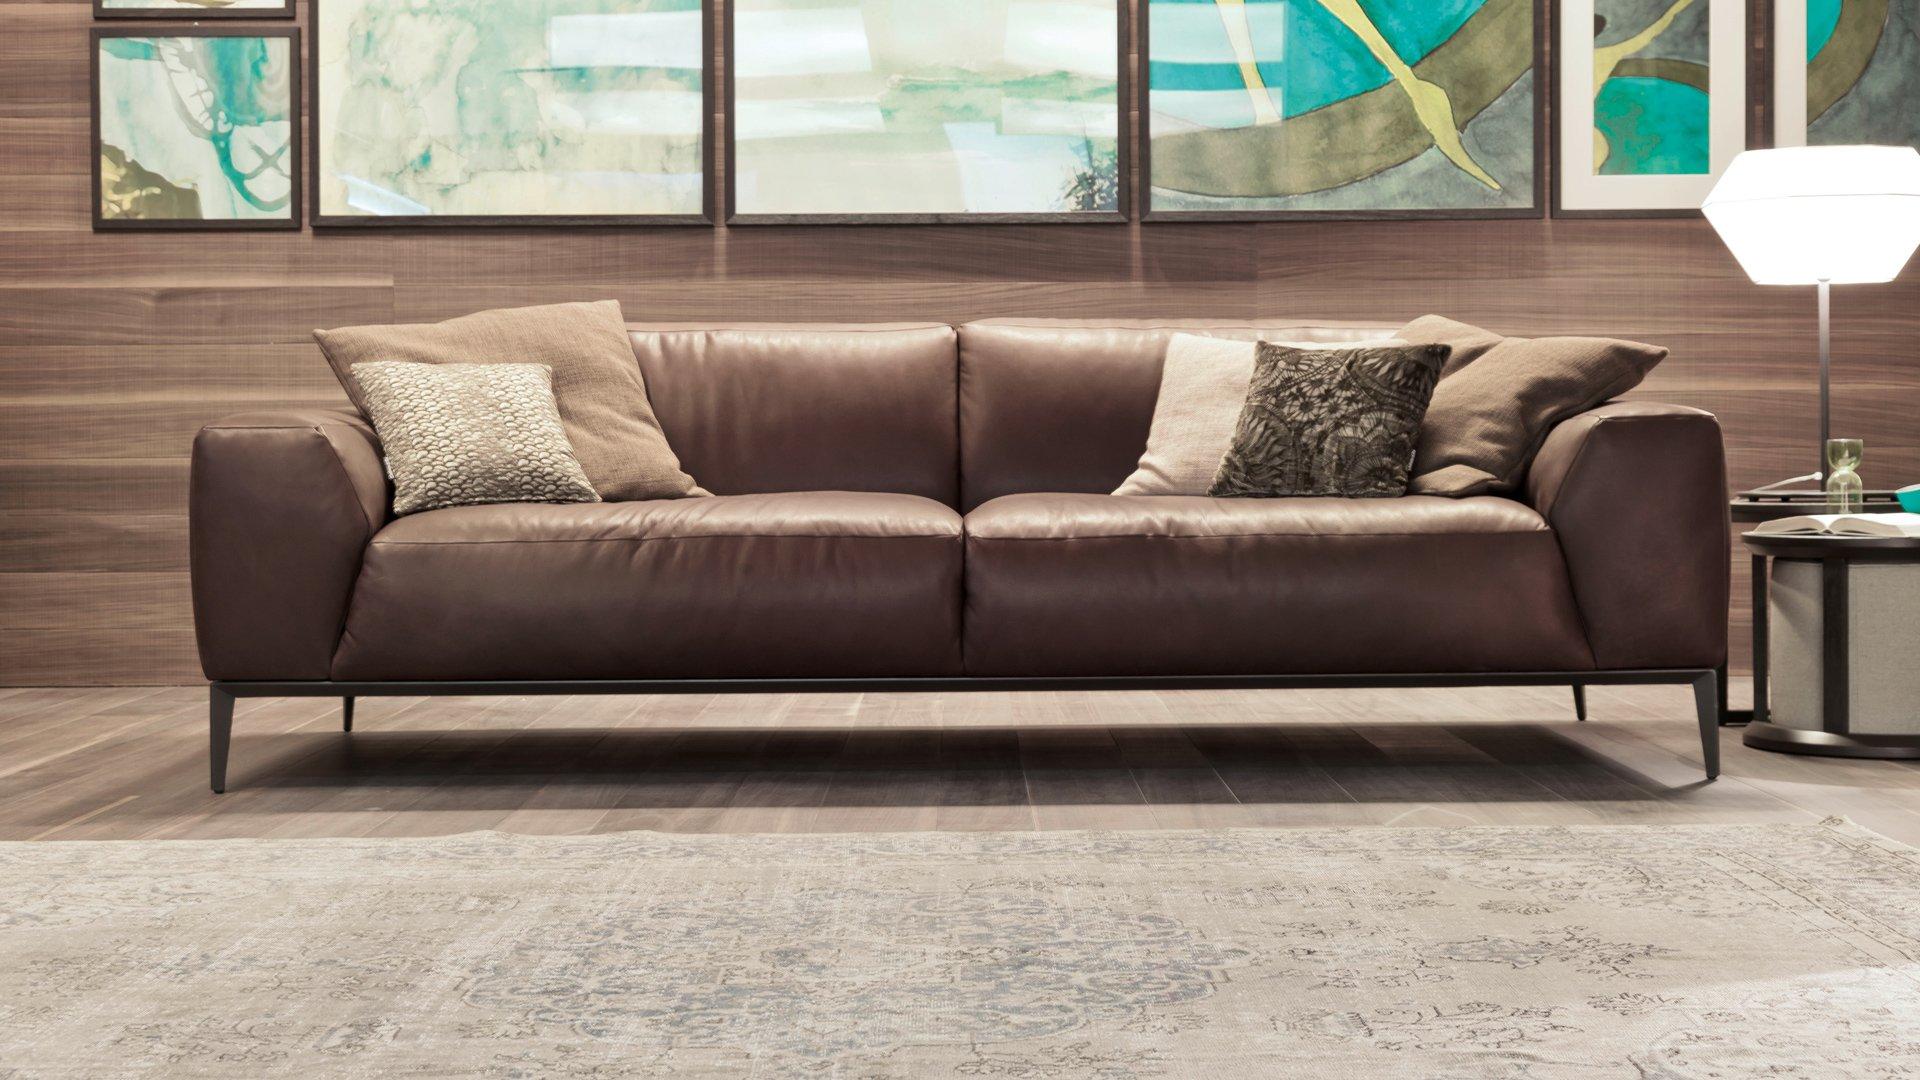 Sofa Xconfort - sofa da thật nhập khẩu Italia